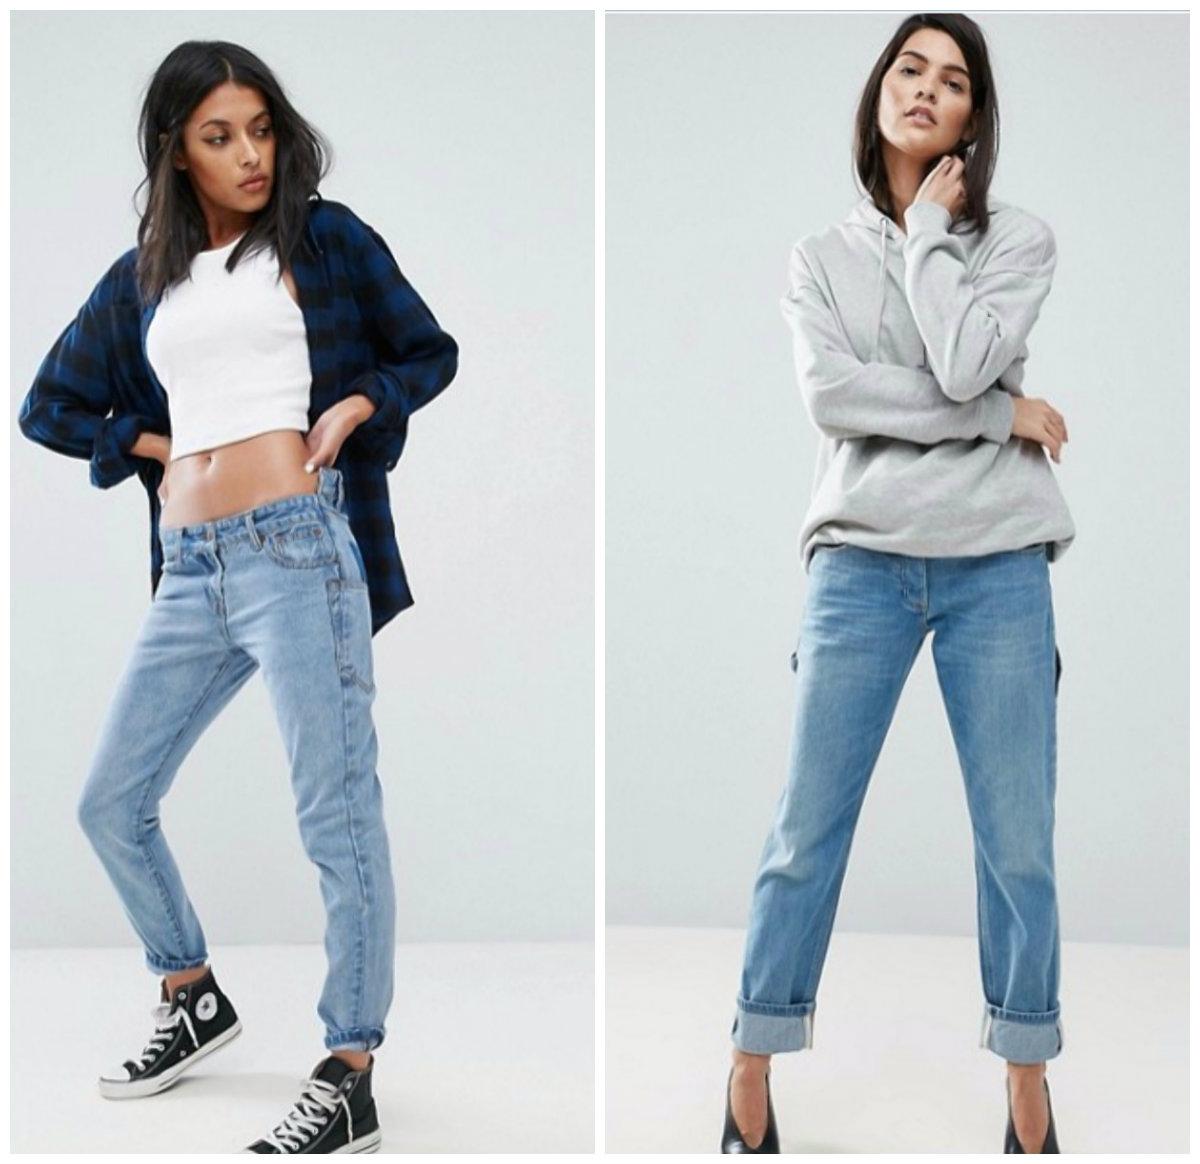 Модные-джинсы-2019-женские-Крой-фото-Длина-Крой-Декор-Цвет- джинсы 2019